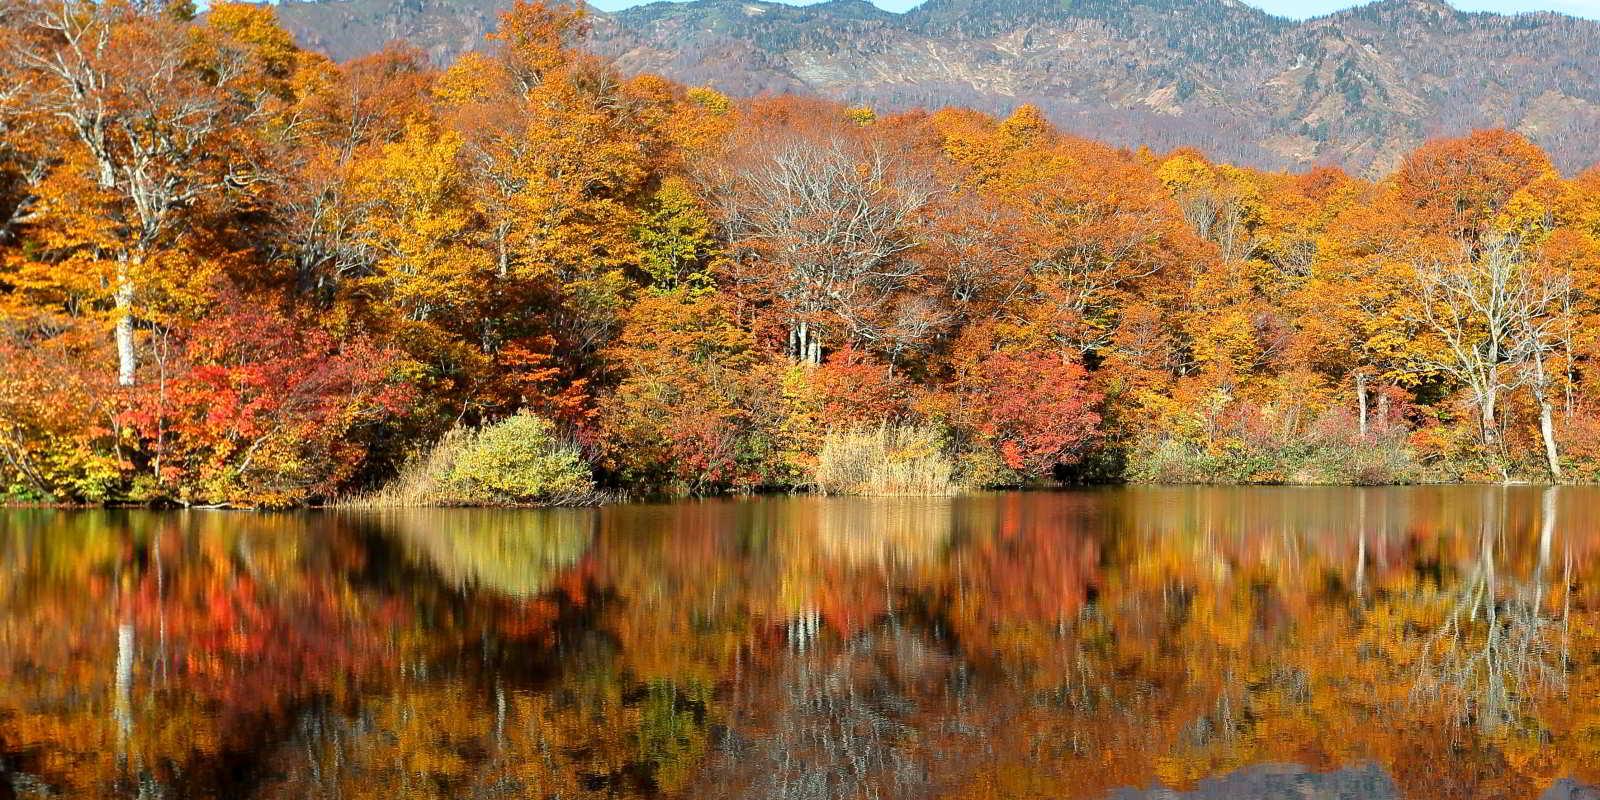 Konoike Pond Shinrin-yoku trail